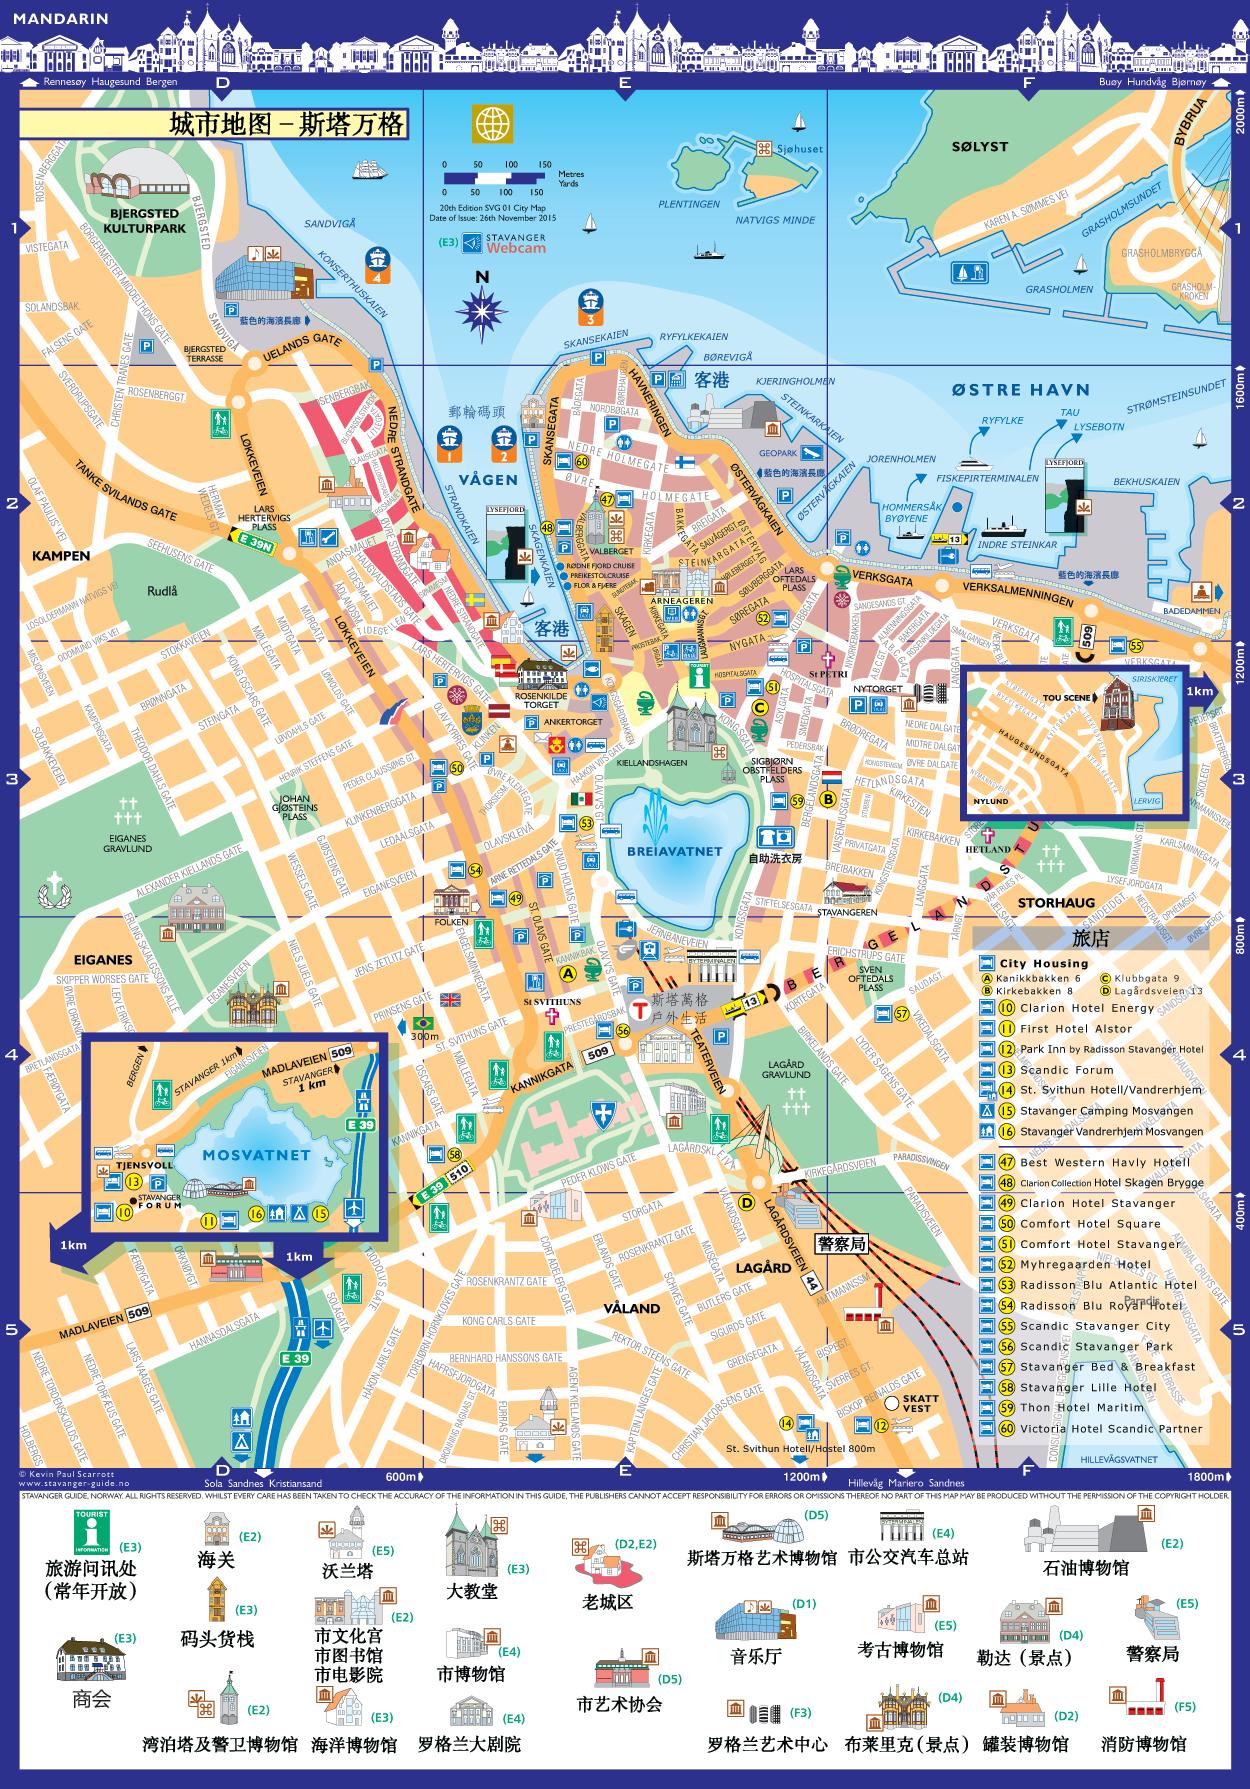 斯塔万格市地图